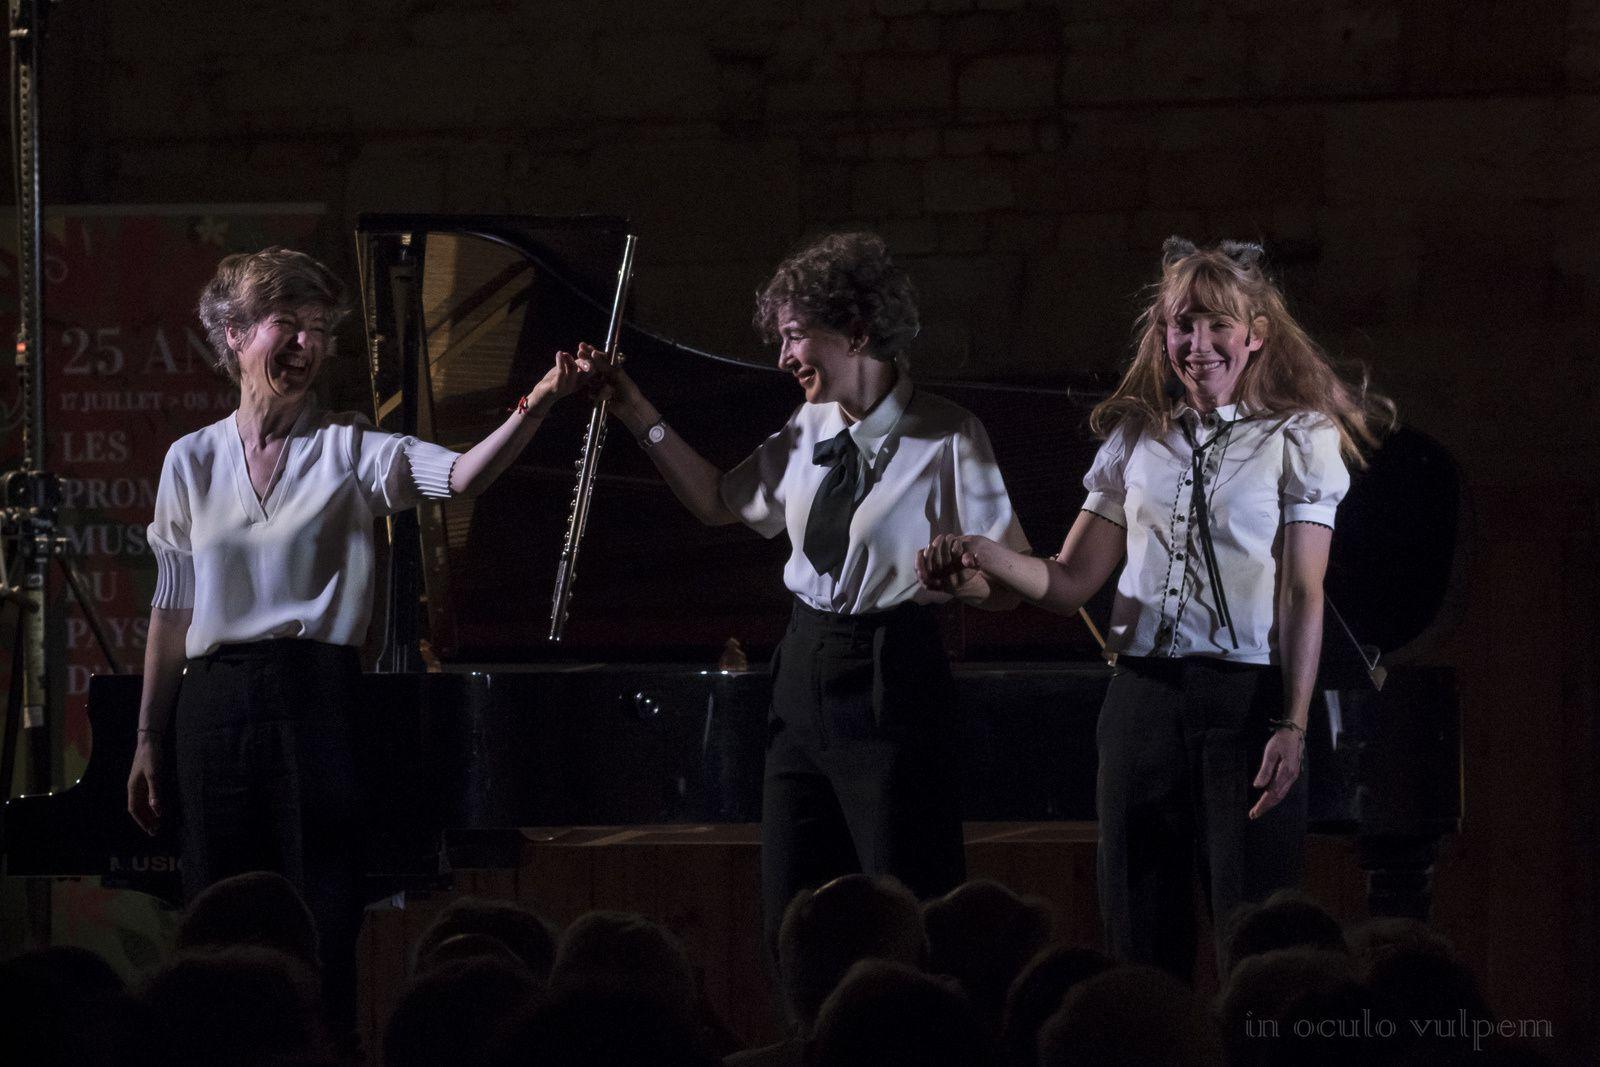 Les Promenades Musicales du Pays d'Auge. Julie Depardieu, comédienne; Juliette Hurel, flûte; Hélène Couvert, piano. Les Greniers à sel, Honfleur, 27/07/2019.